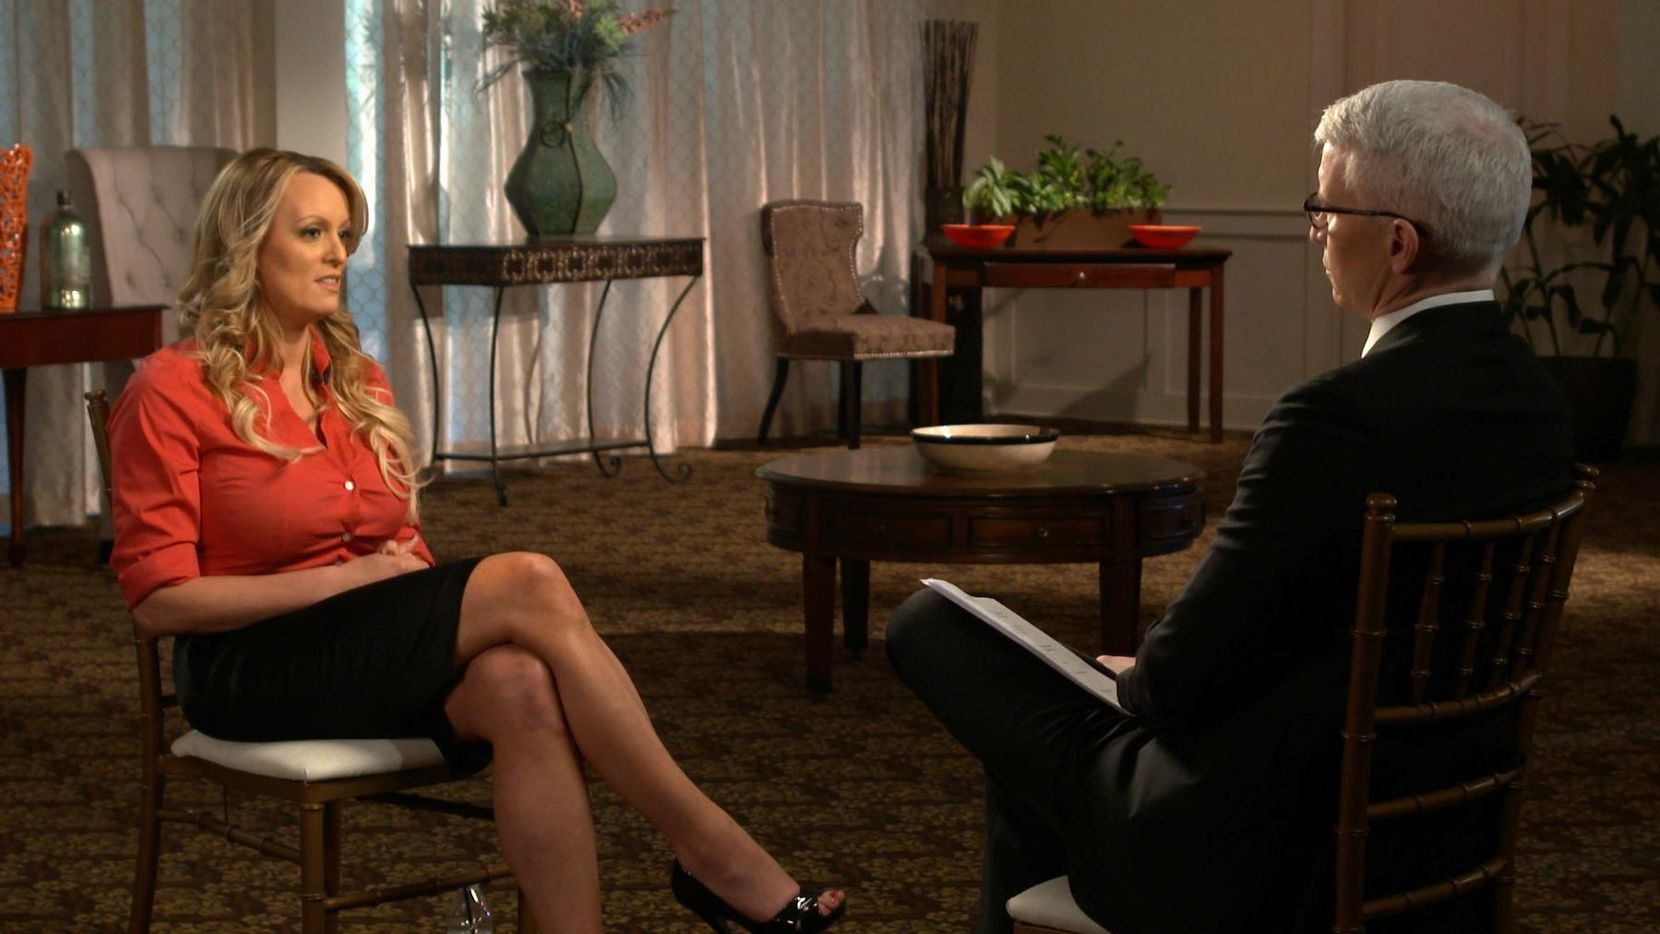 Imagen proporcionada por CBS News de la entrevista entre Stormy Daniels y el periodista Anderson Cooper para el programa 60 Minutes.(AP)